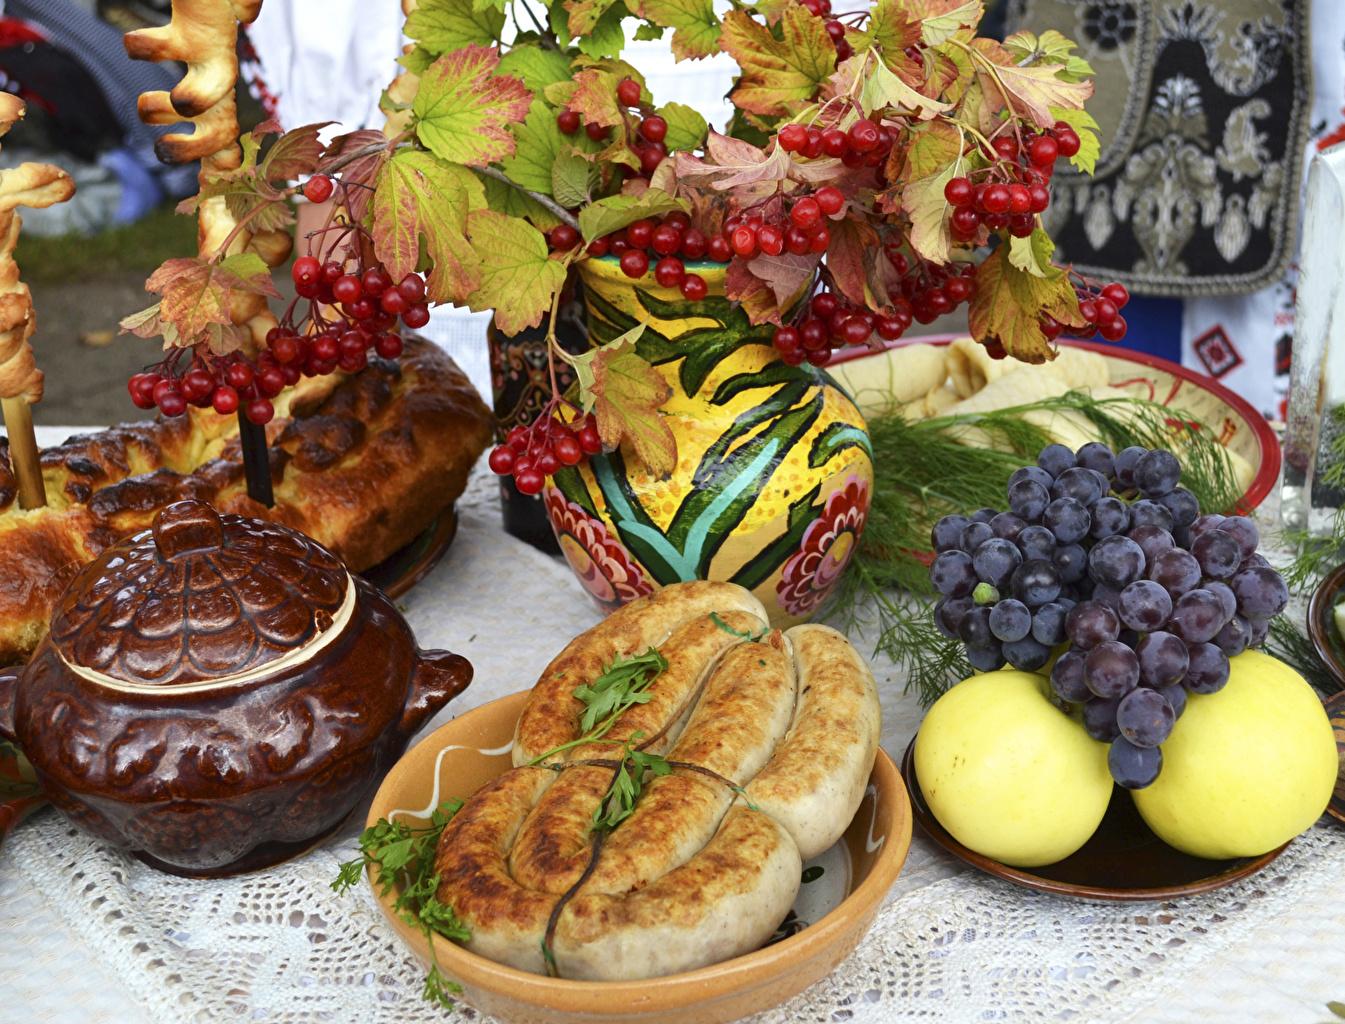 Картинки Рябина Колбаса Яблоки Виноград Еда Выпечка Пища Продукты питания